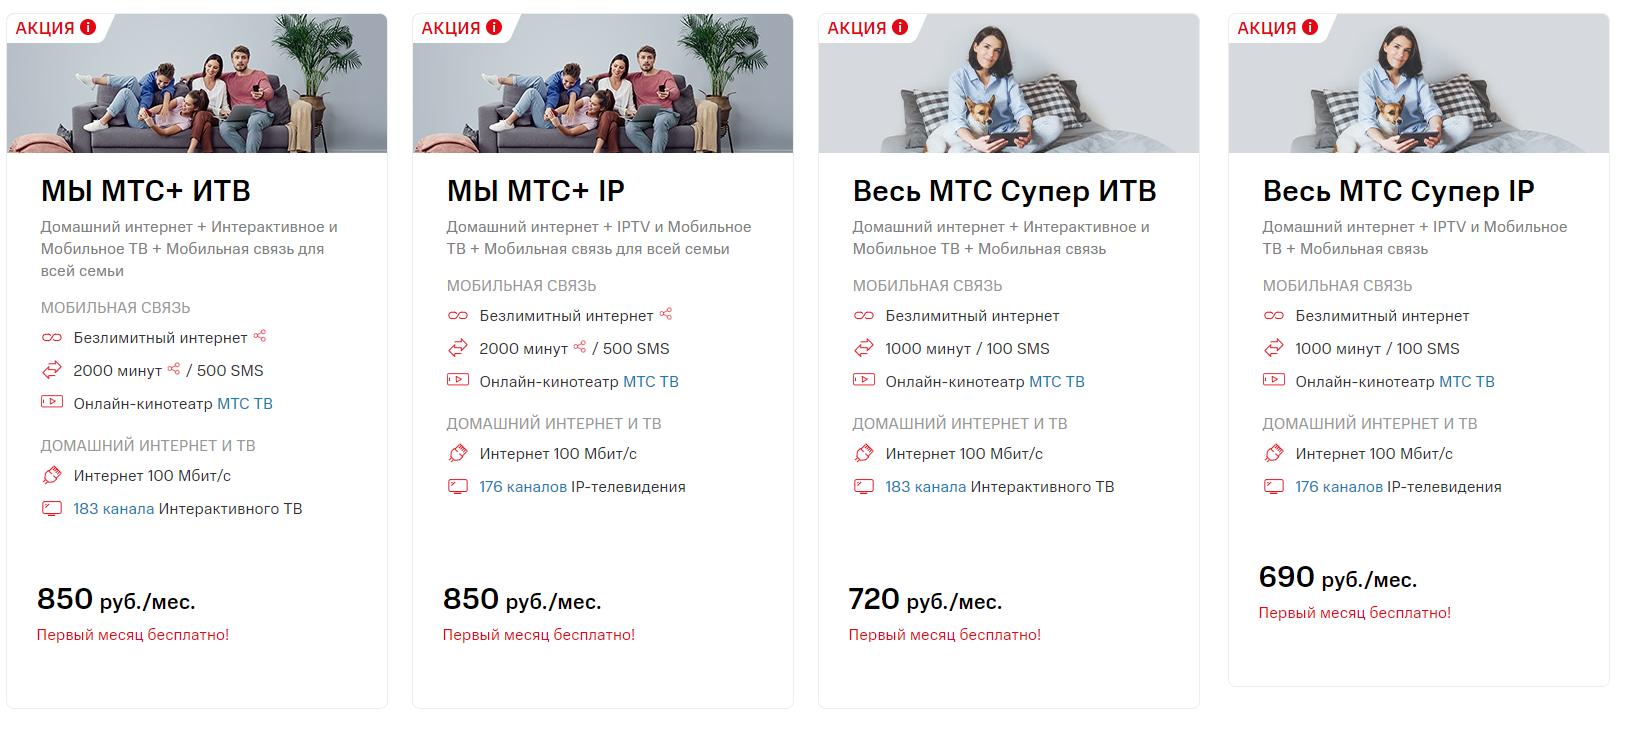 МТС запустил новые тарифы линейки «Весь МТС» и «МЫ МТС+» 3